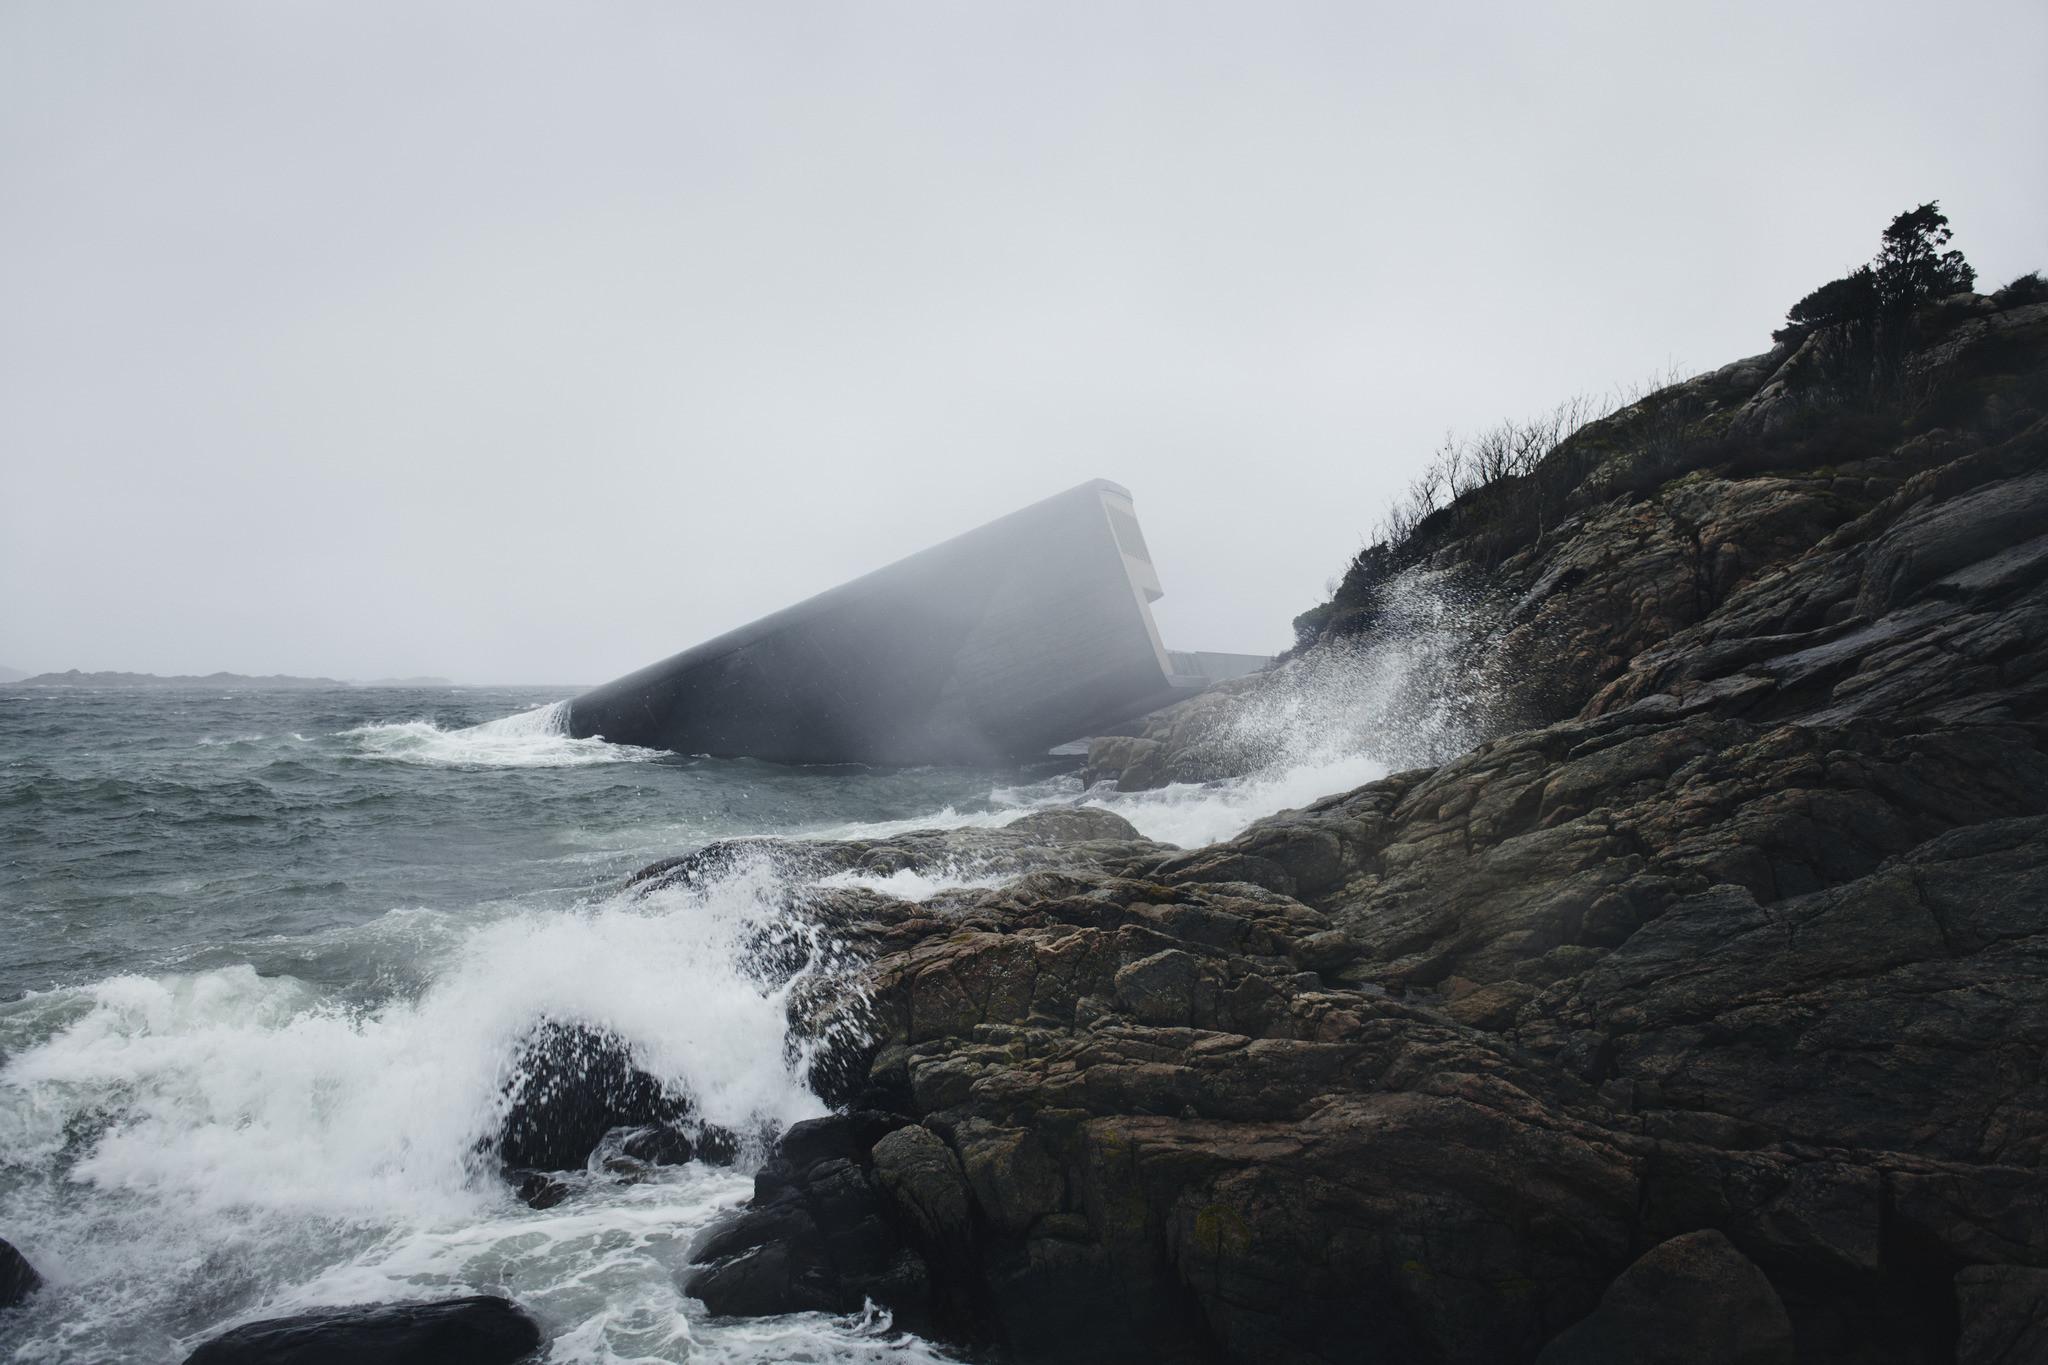 Vist udefra ligner restaurant Under i Norge en bunker, som er sunket ned i havet.